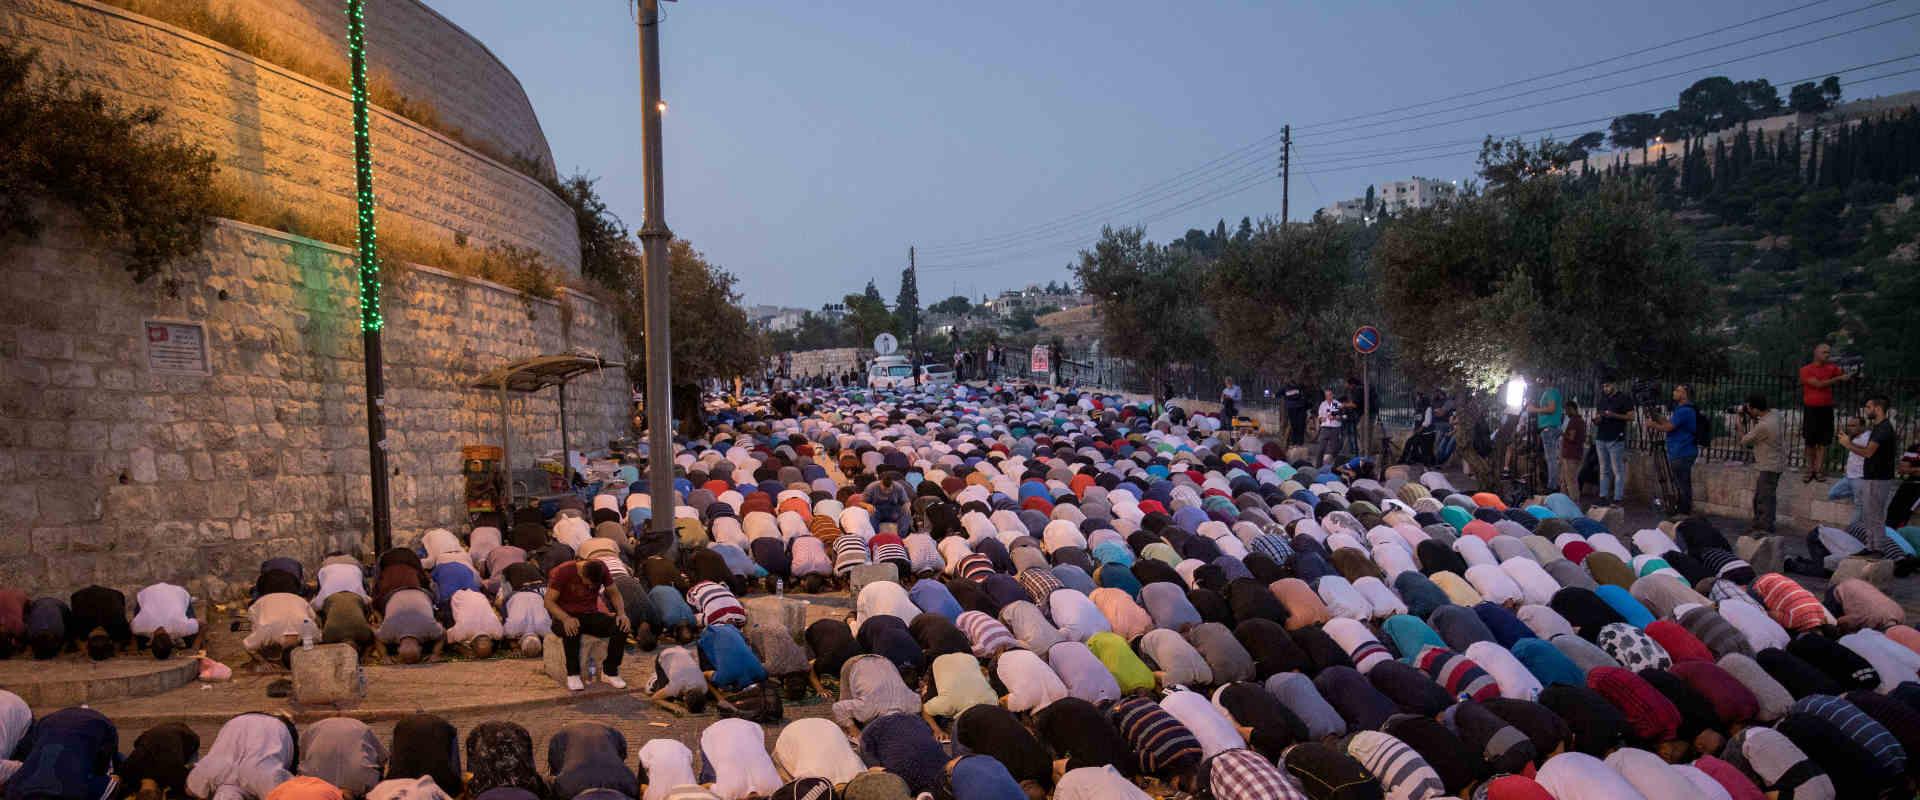 מתפללים מוסלמים ליד שער האריות בעיר העתיקה בירושלי